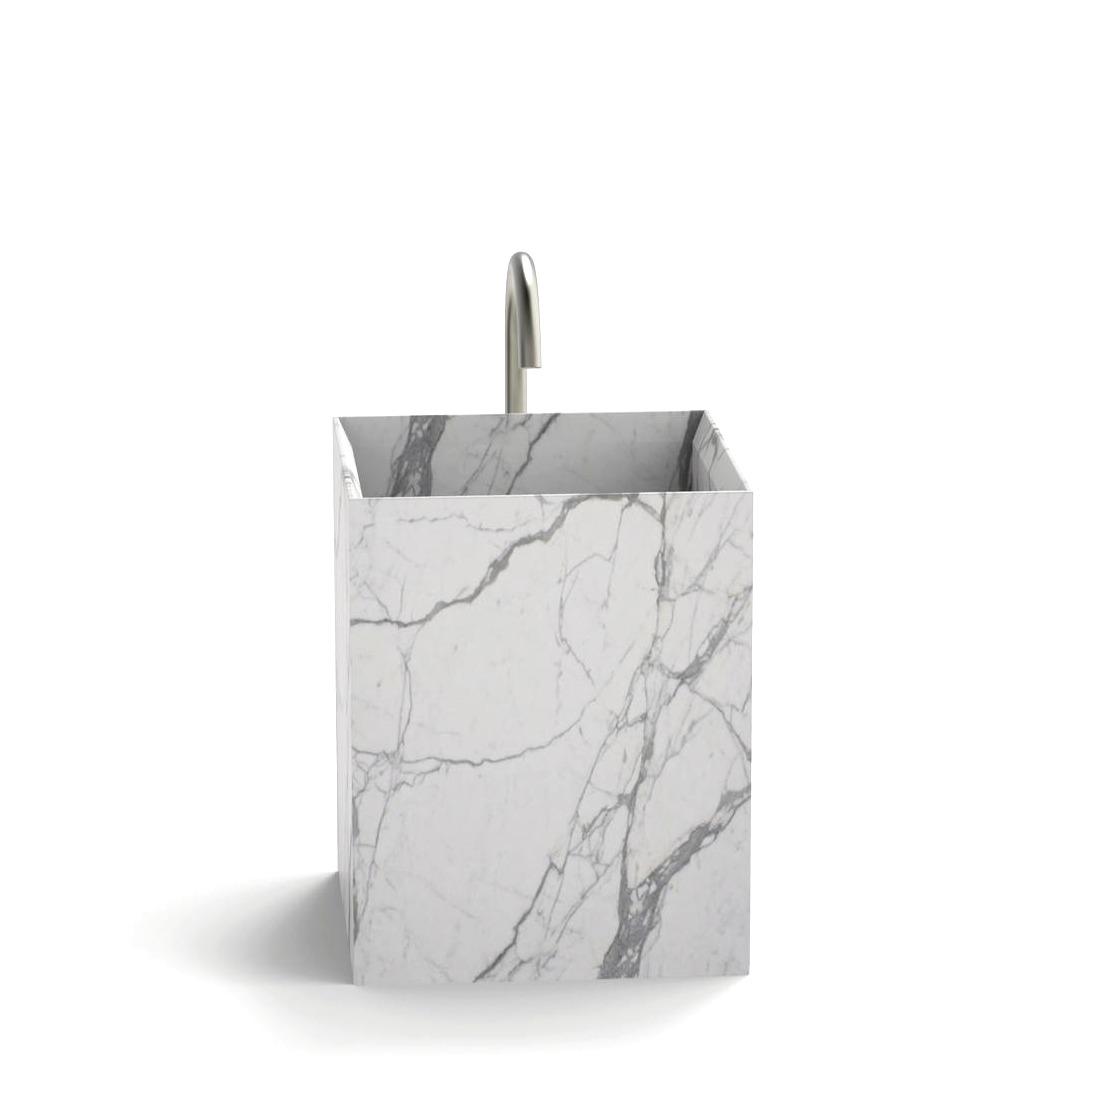 Square Medium | Marmi Serafini